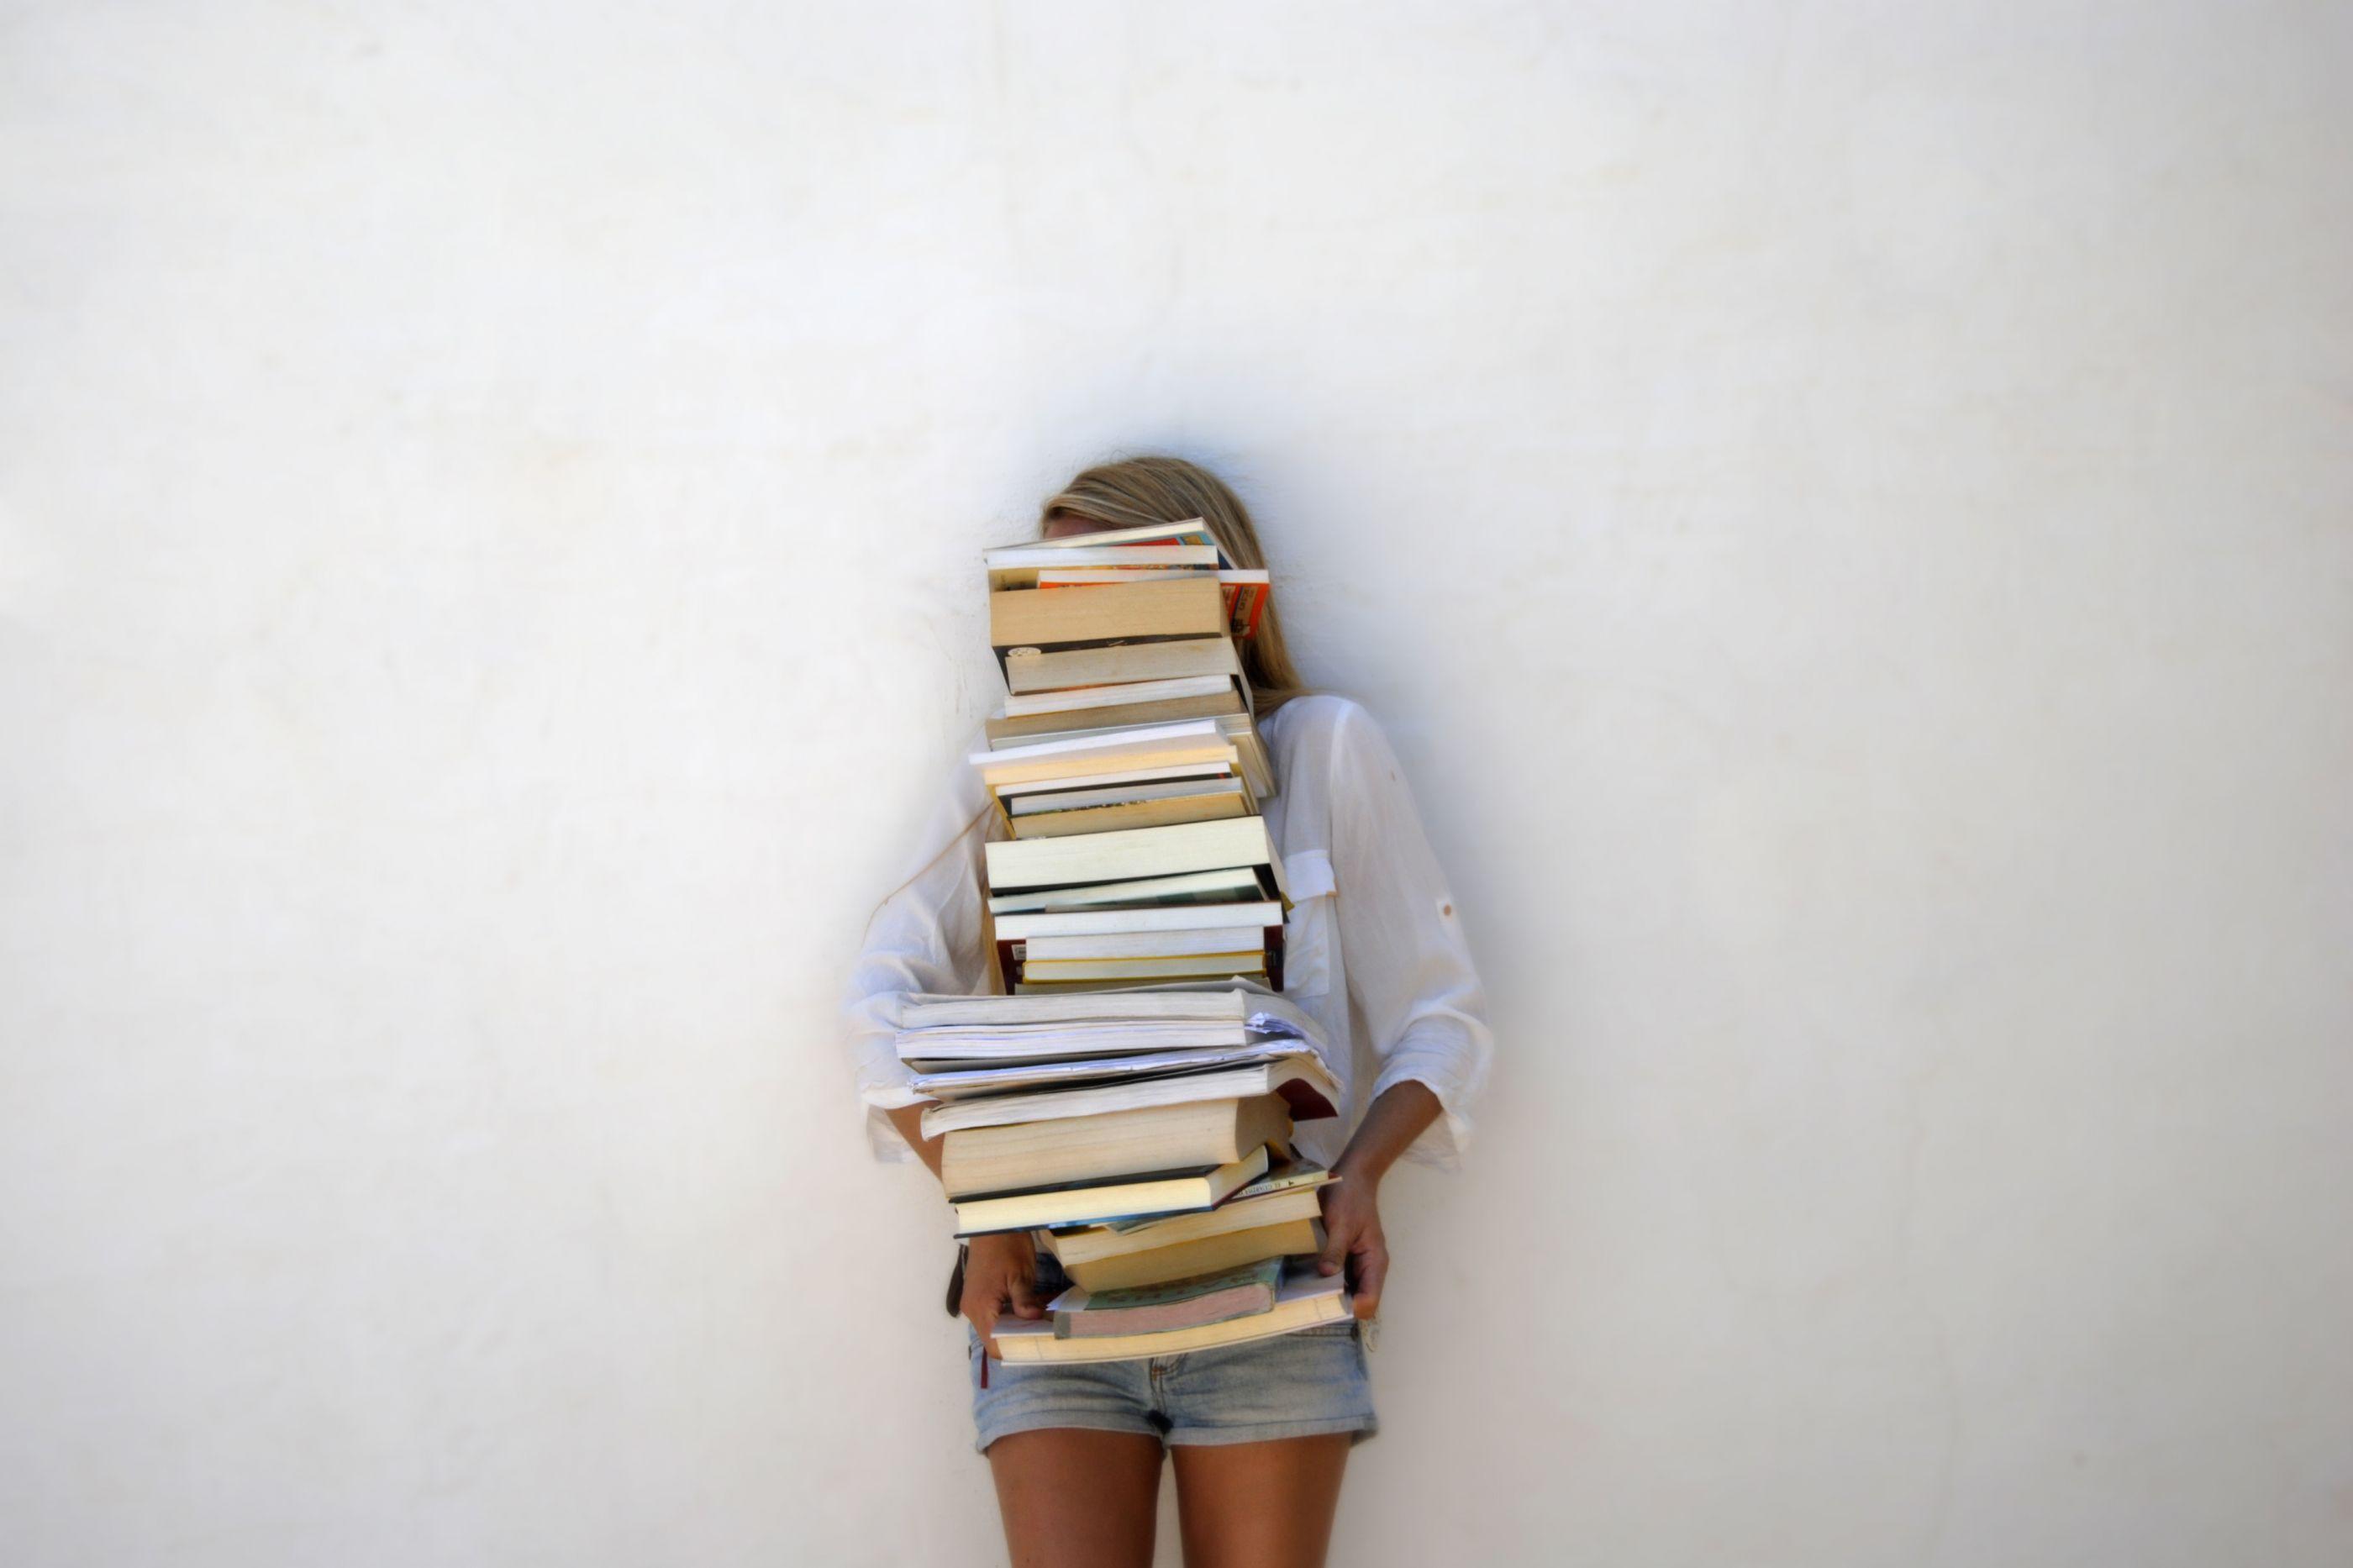 Crescer rodeado de livros faz bem à saúde. A ciência confirma